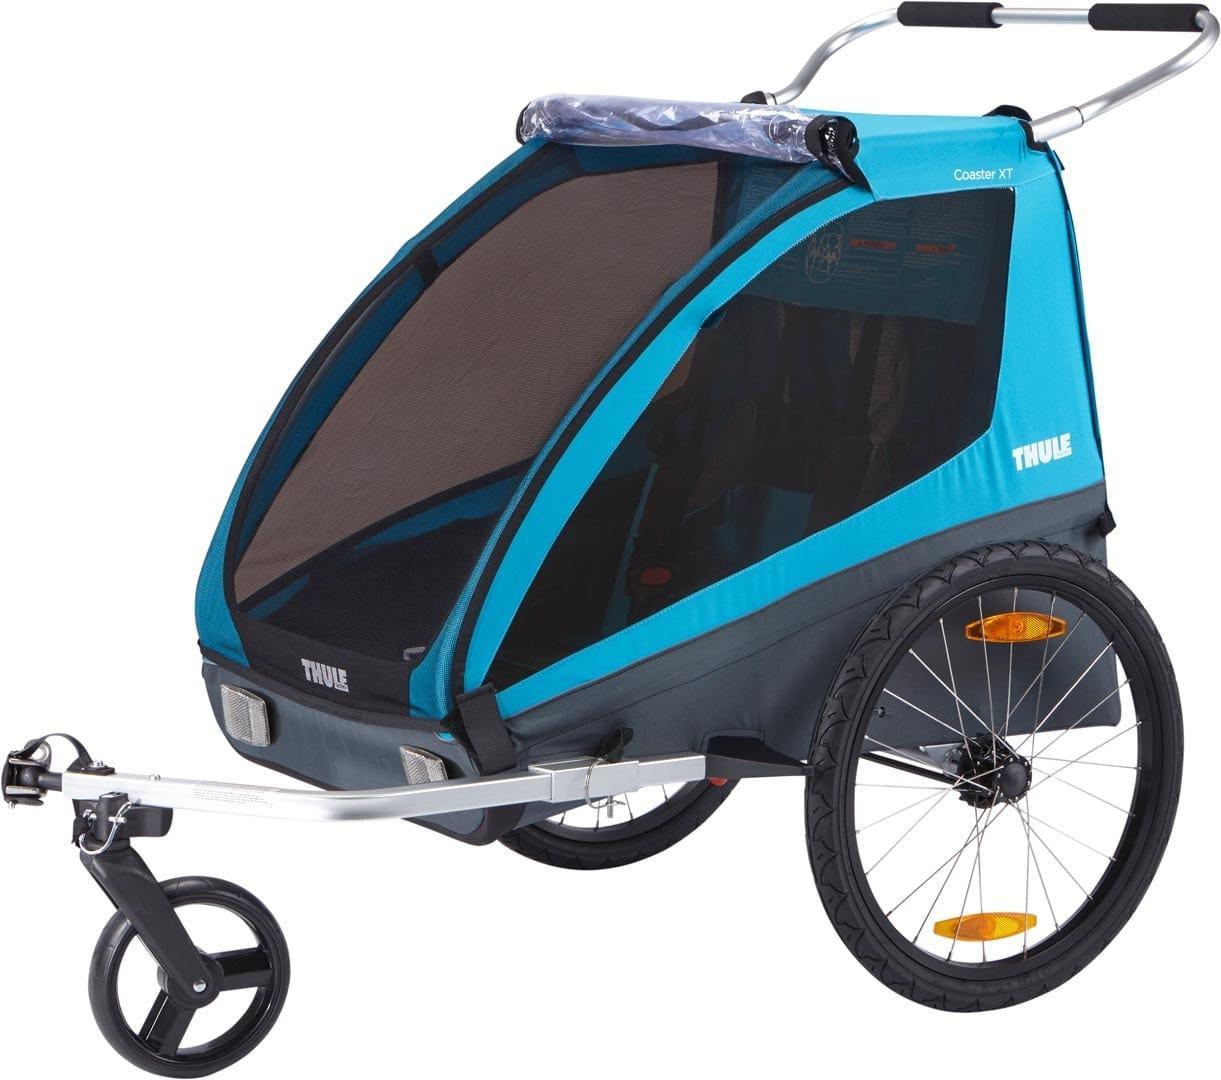 Детская коляска-прицеп для велосипеда Thule Coaster XT (Blue)